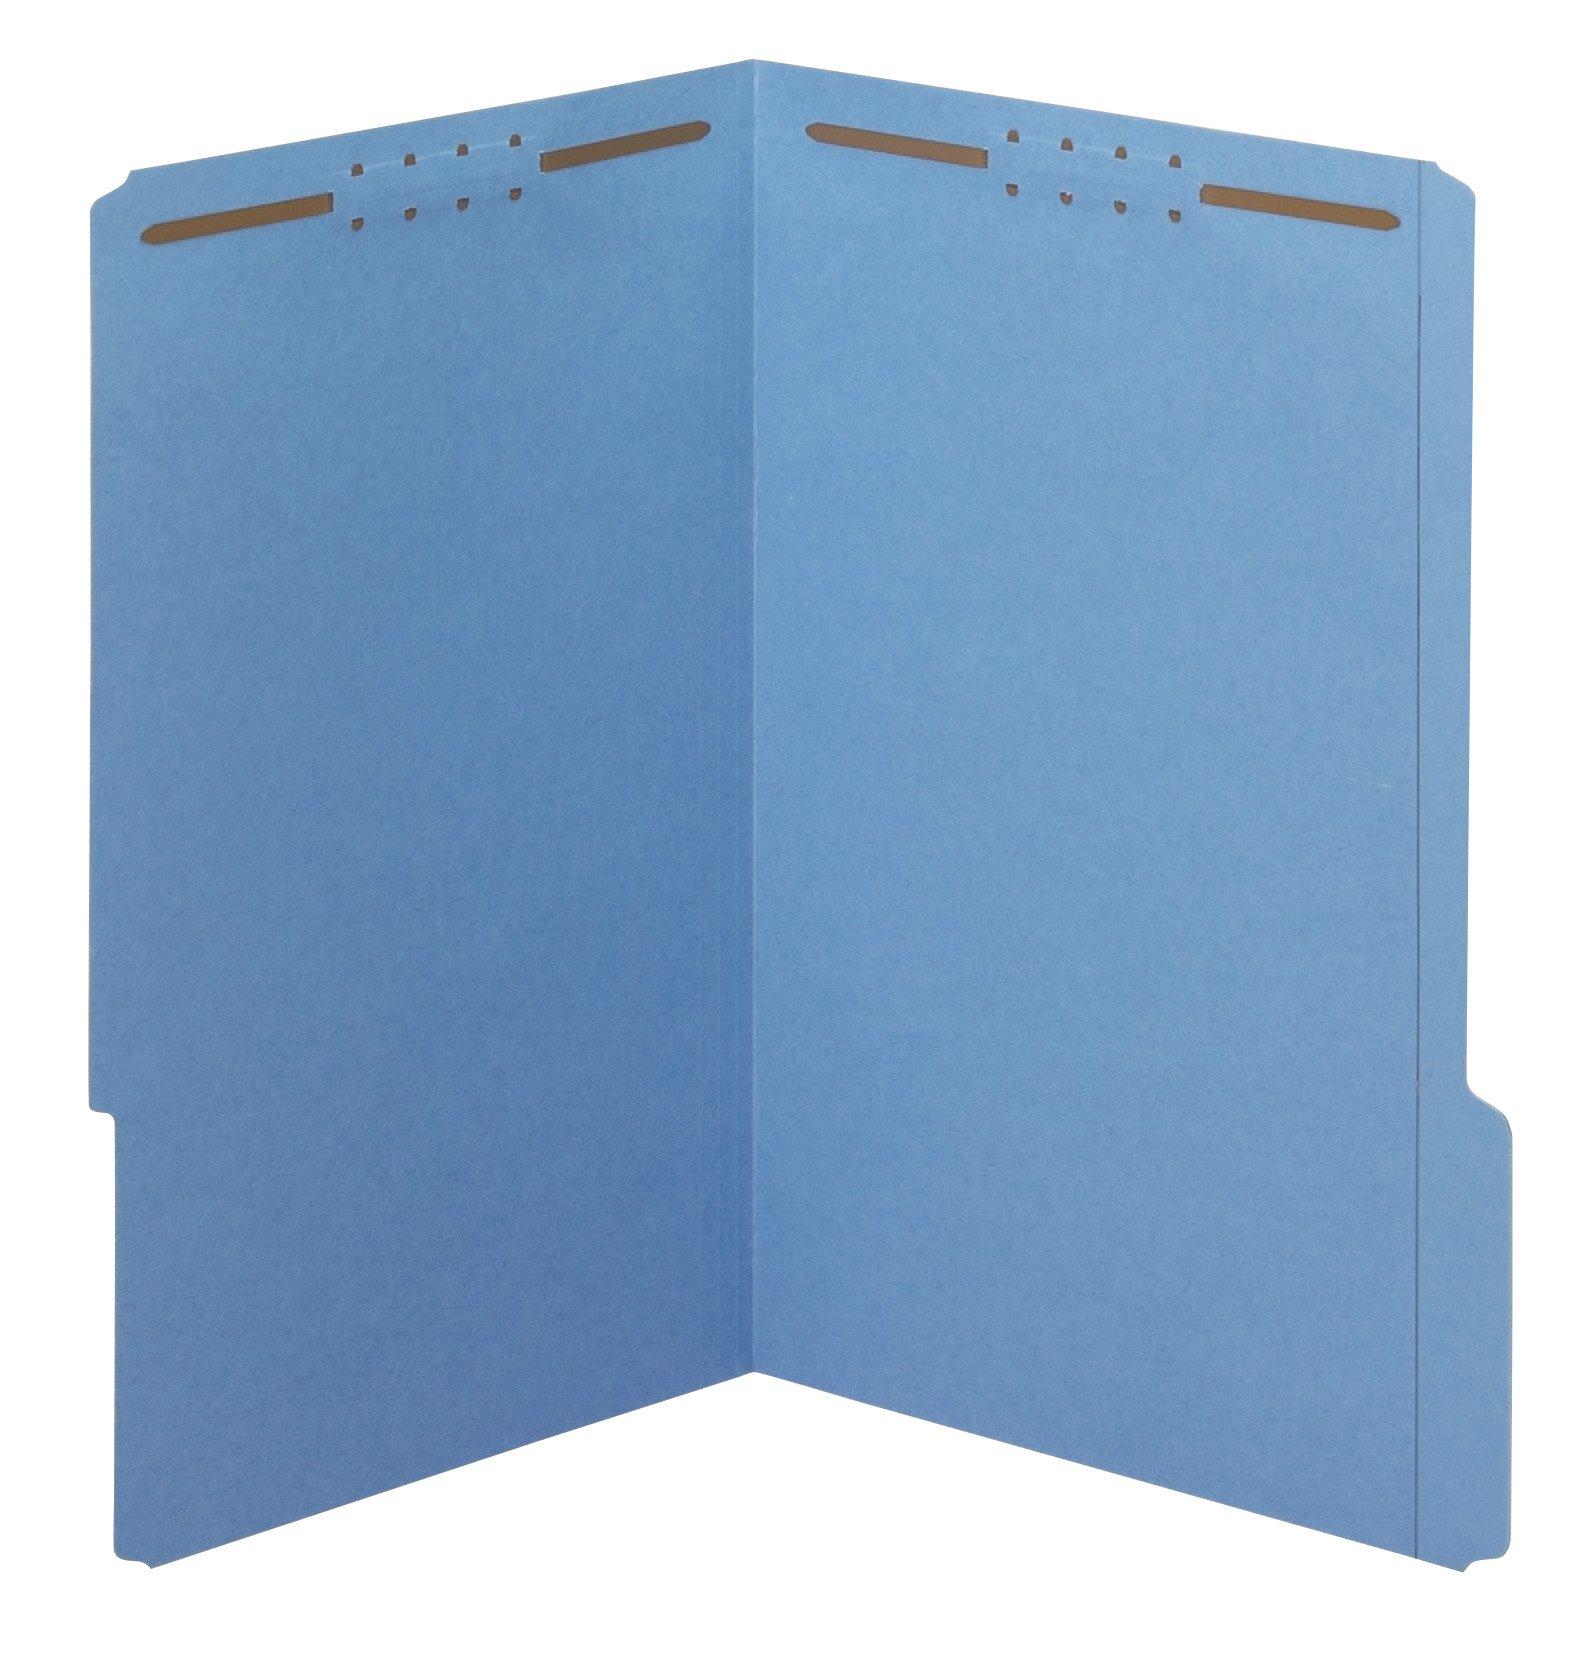 Pendaflex Fastener Folders, 1/3 Cut, Reinforced Tab, 2 Fasteners, Legal Size, Blue, 50 Folders Per Box (27040) by Pendaflex